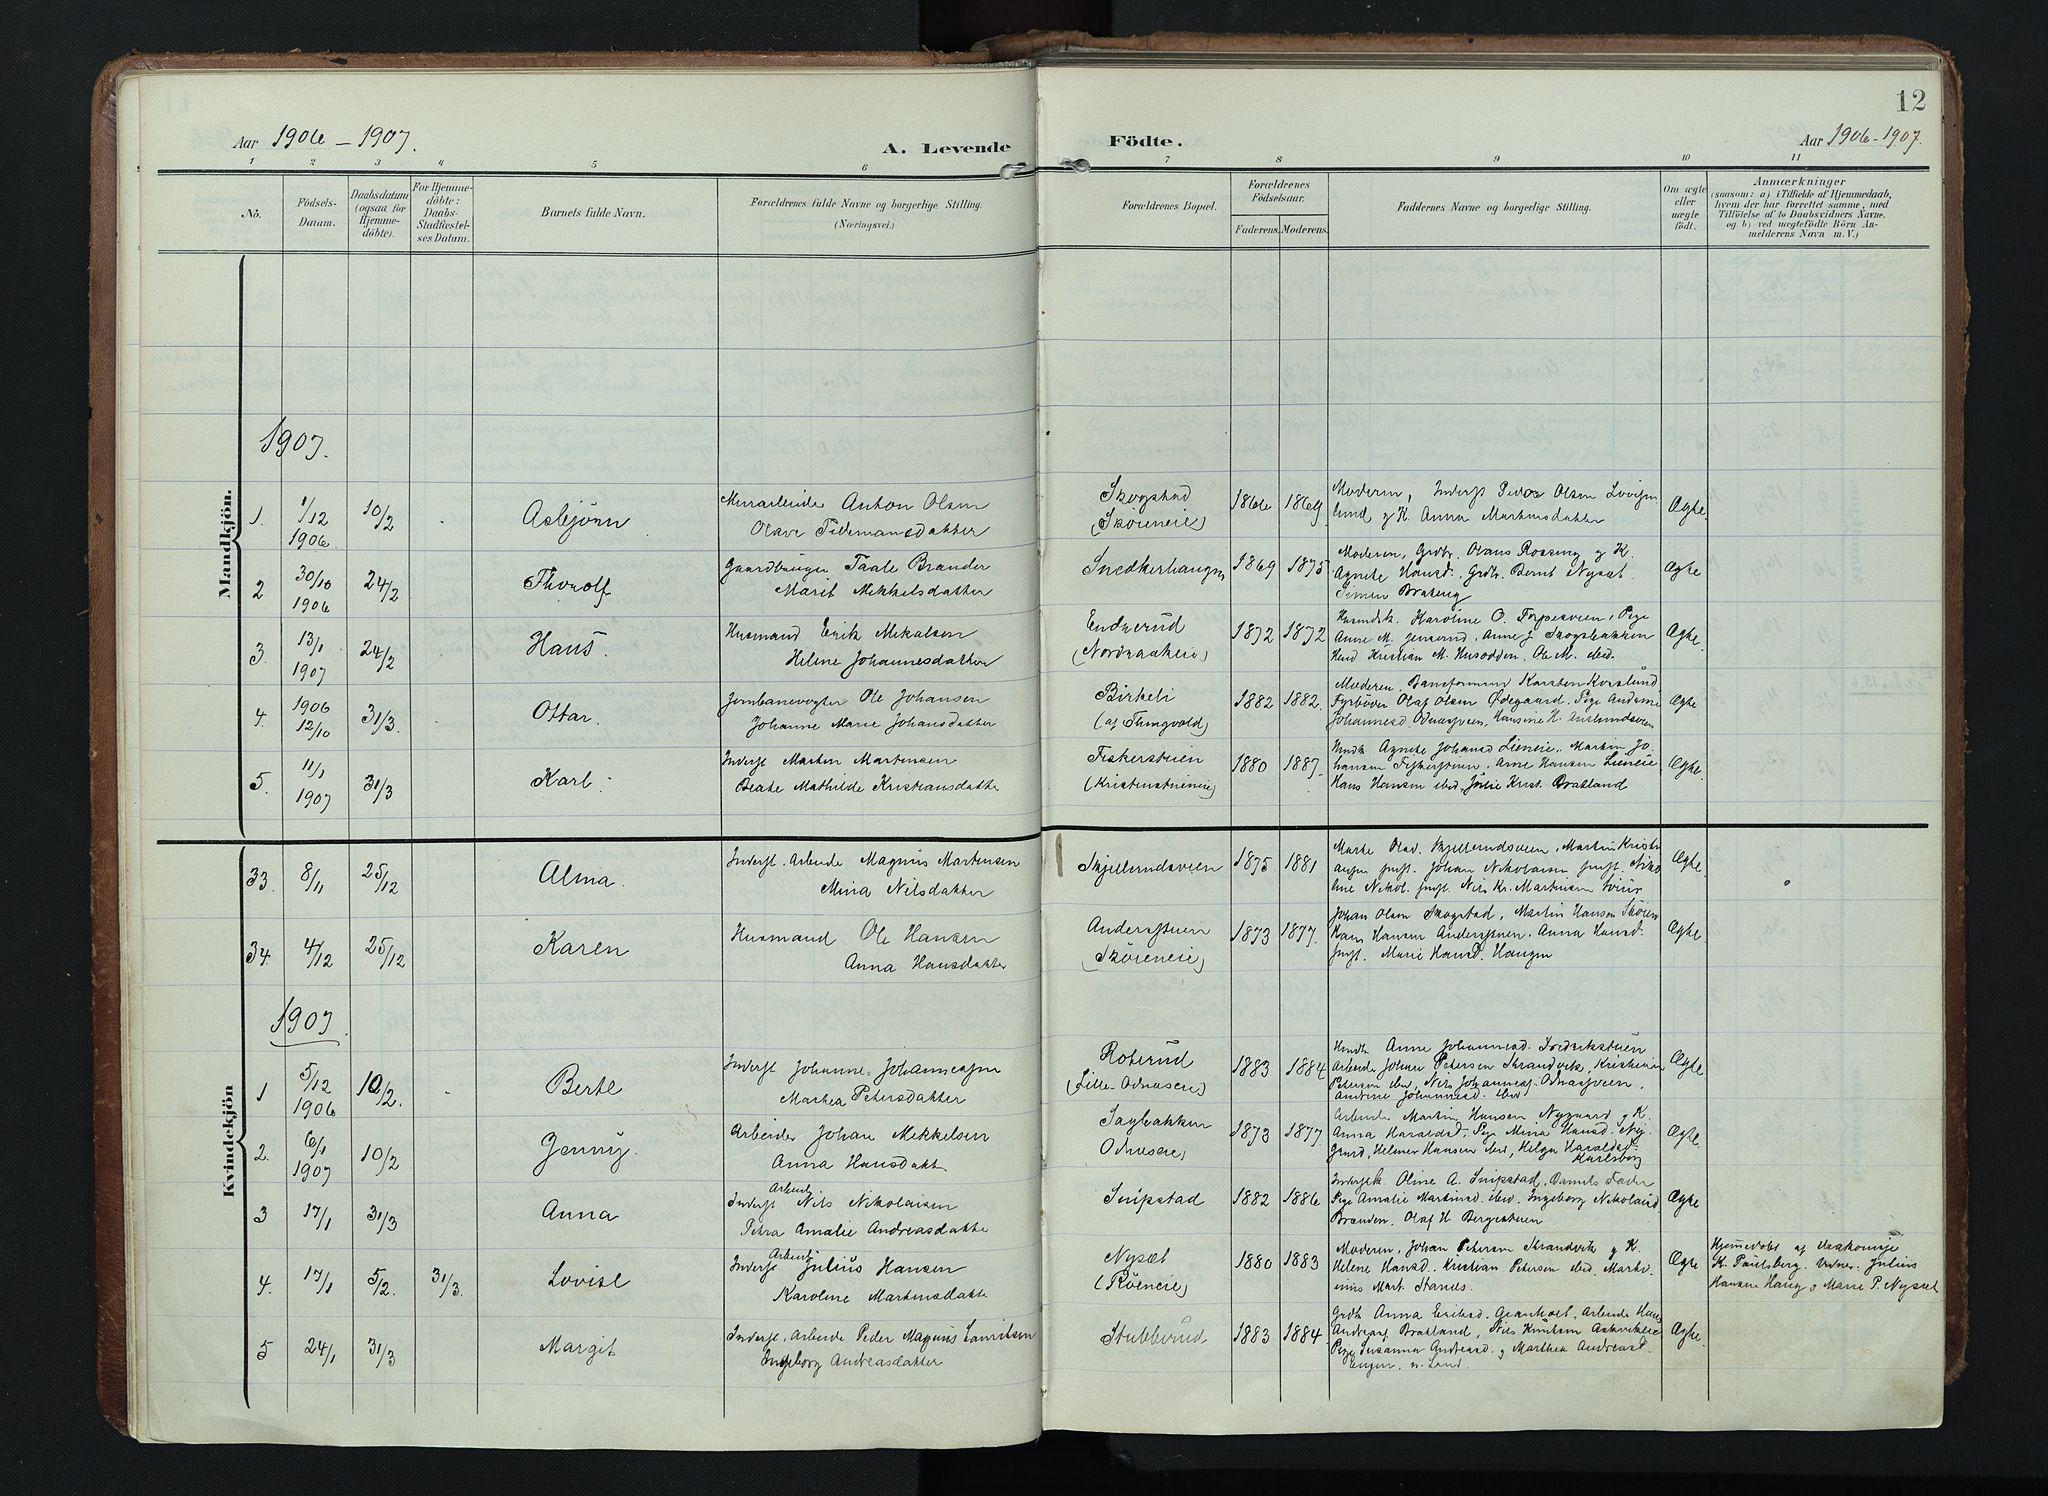 SAH, Søndre Land prestekontor, K/L0005: Ministerialbok nr. 5, 1905-1914, s. 12